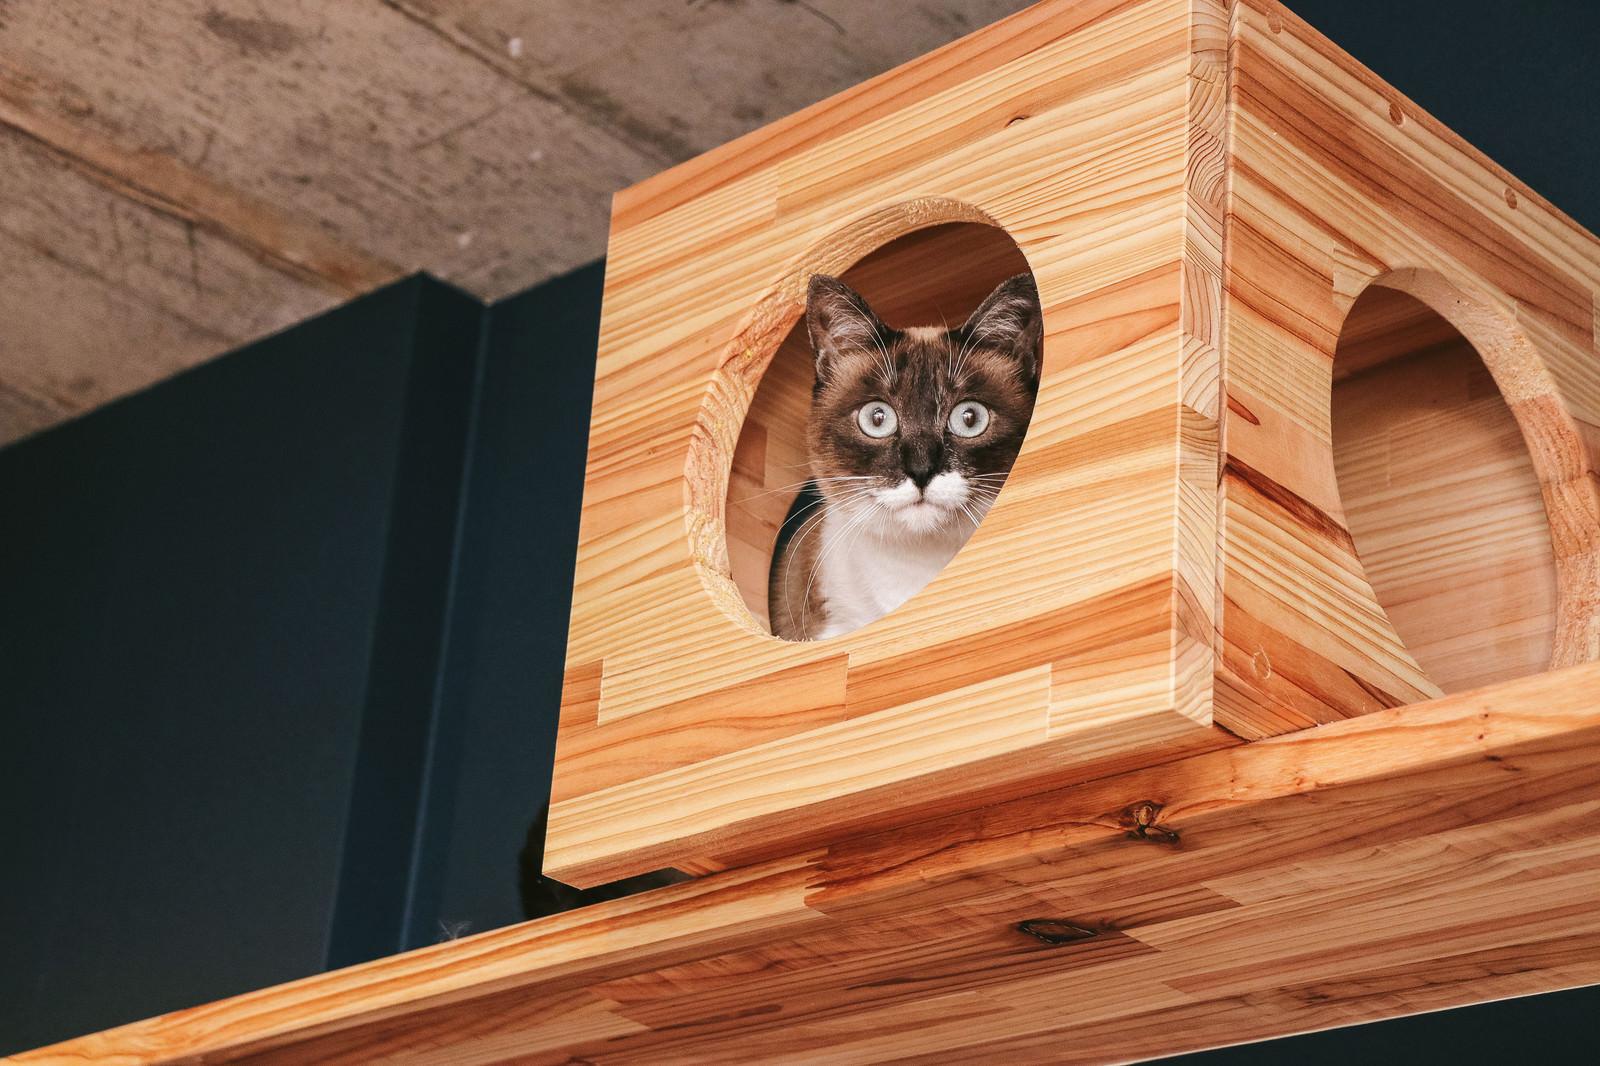 「キャットボックスから警戒する猫キャットボックスから警戒する猫」のフリー写真素材を拡大